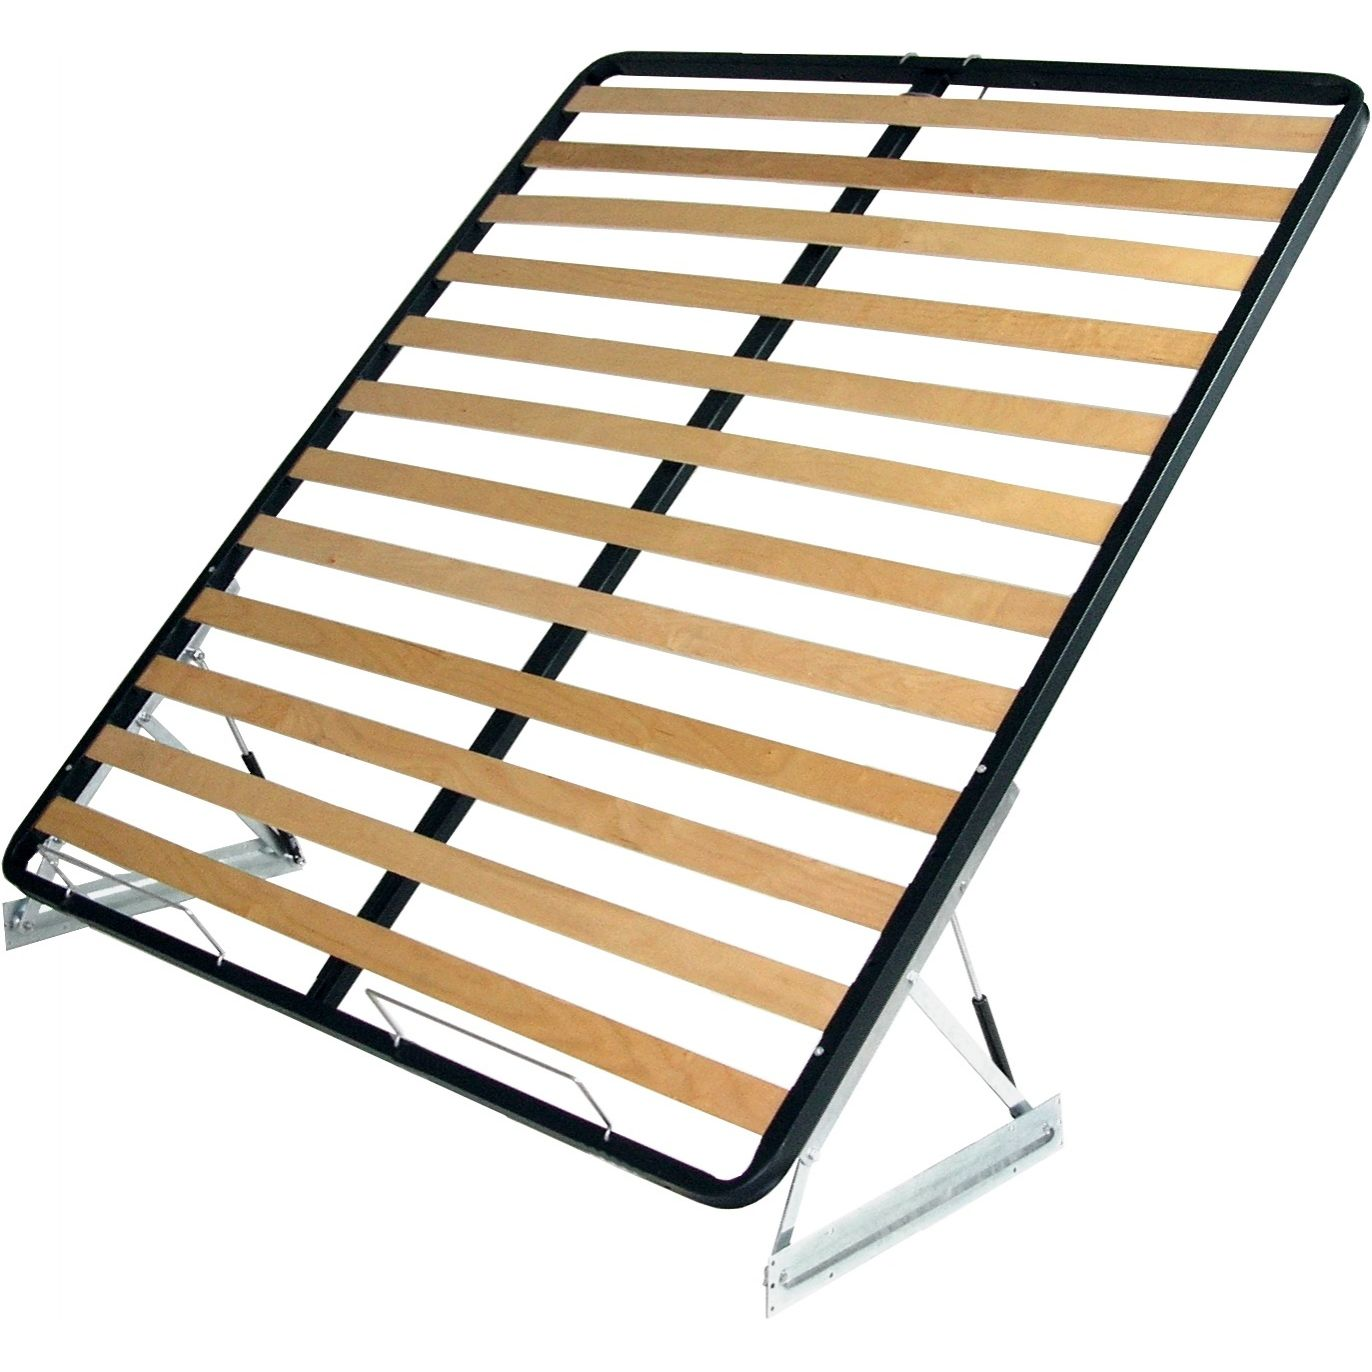 Reti materassi e trasformabili reti da letto con contenitore rete mod imperia per letto - Rete per letto contenitore ...